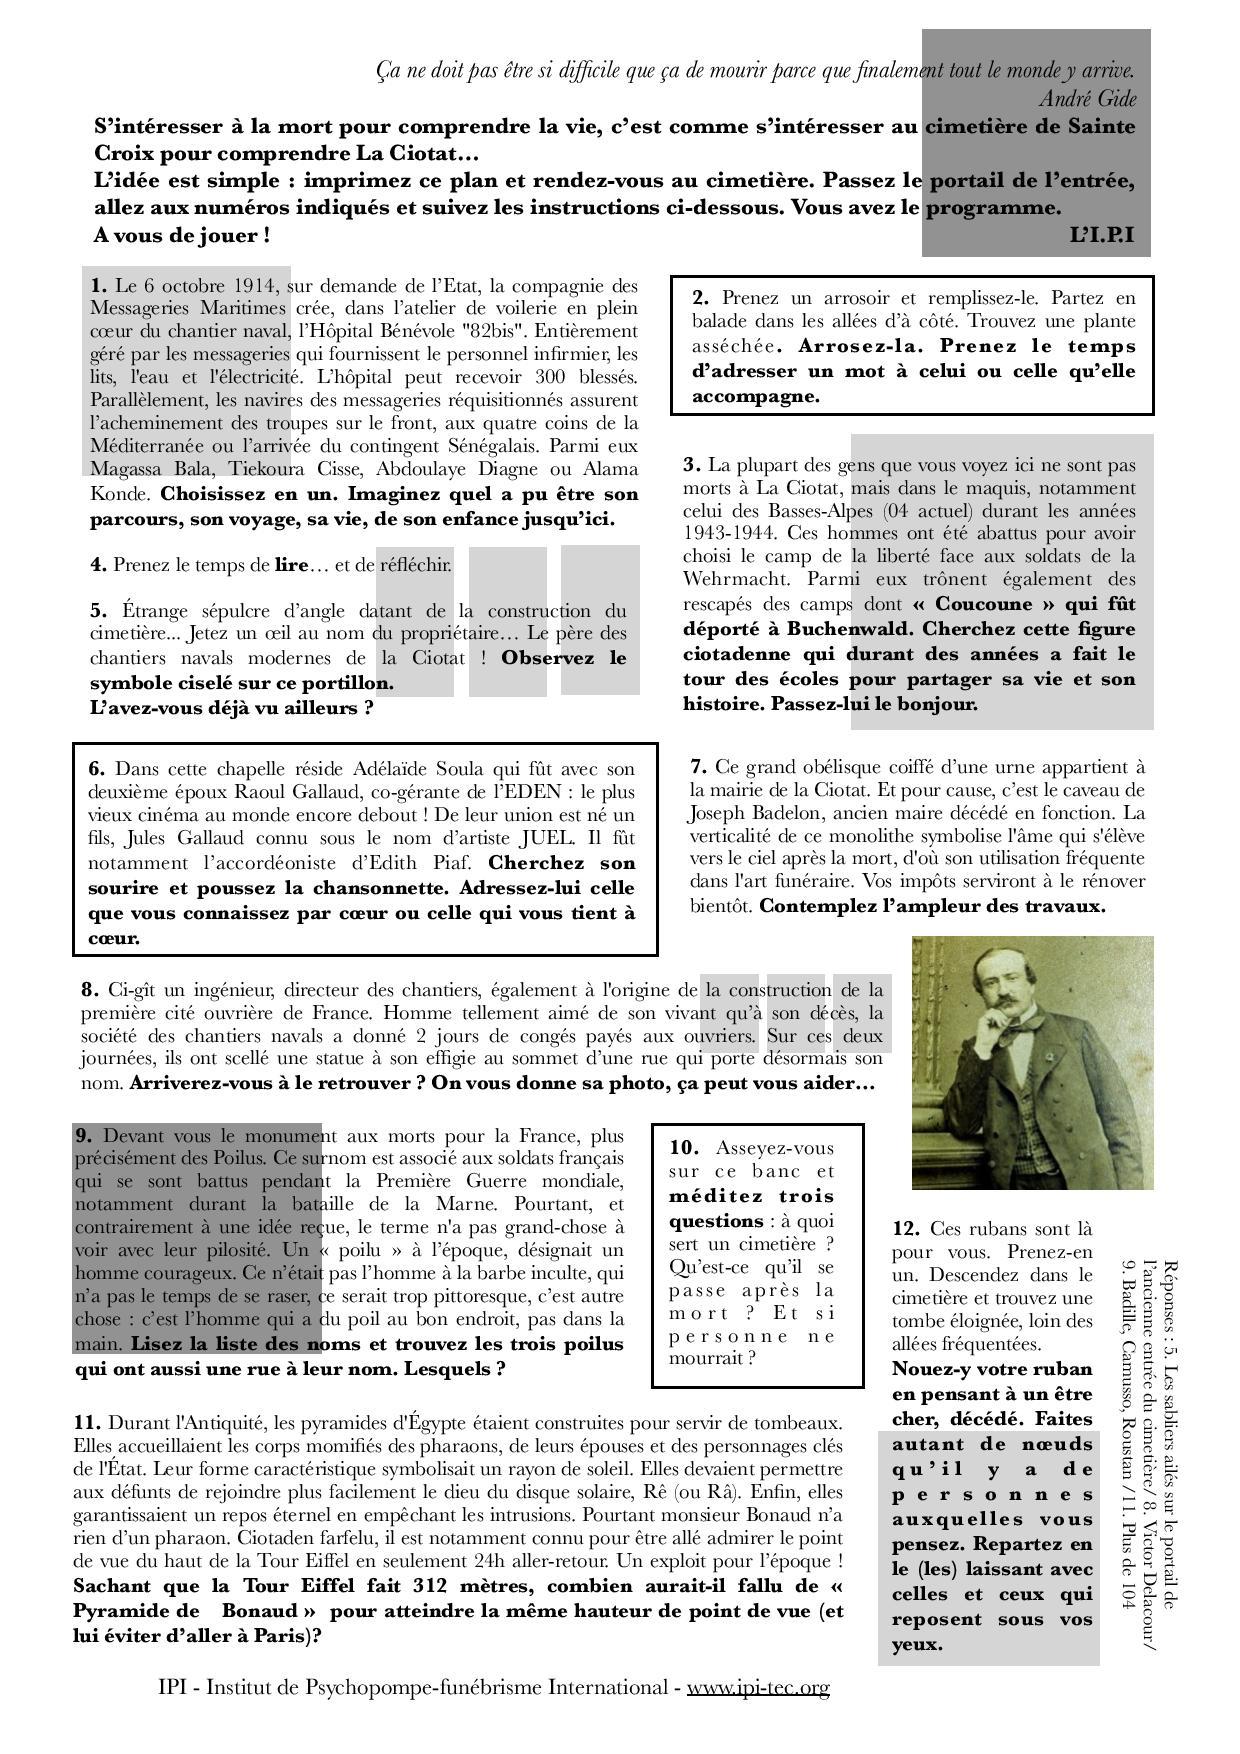 PARCOURS_IPI_Printemps_Cimetières_Sainte_Croix_21-22-23_MAI_2021-page-002